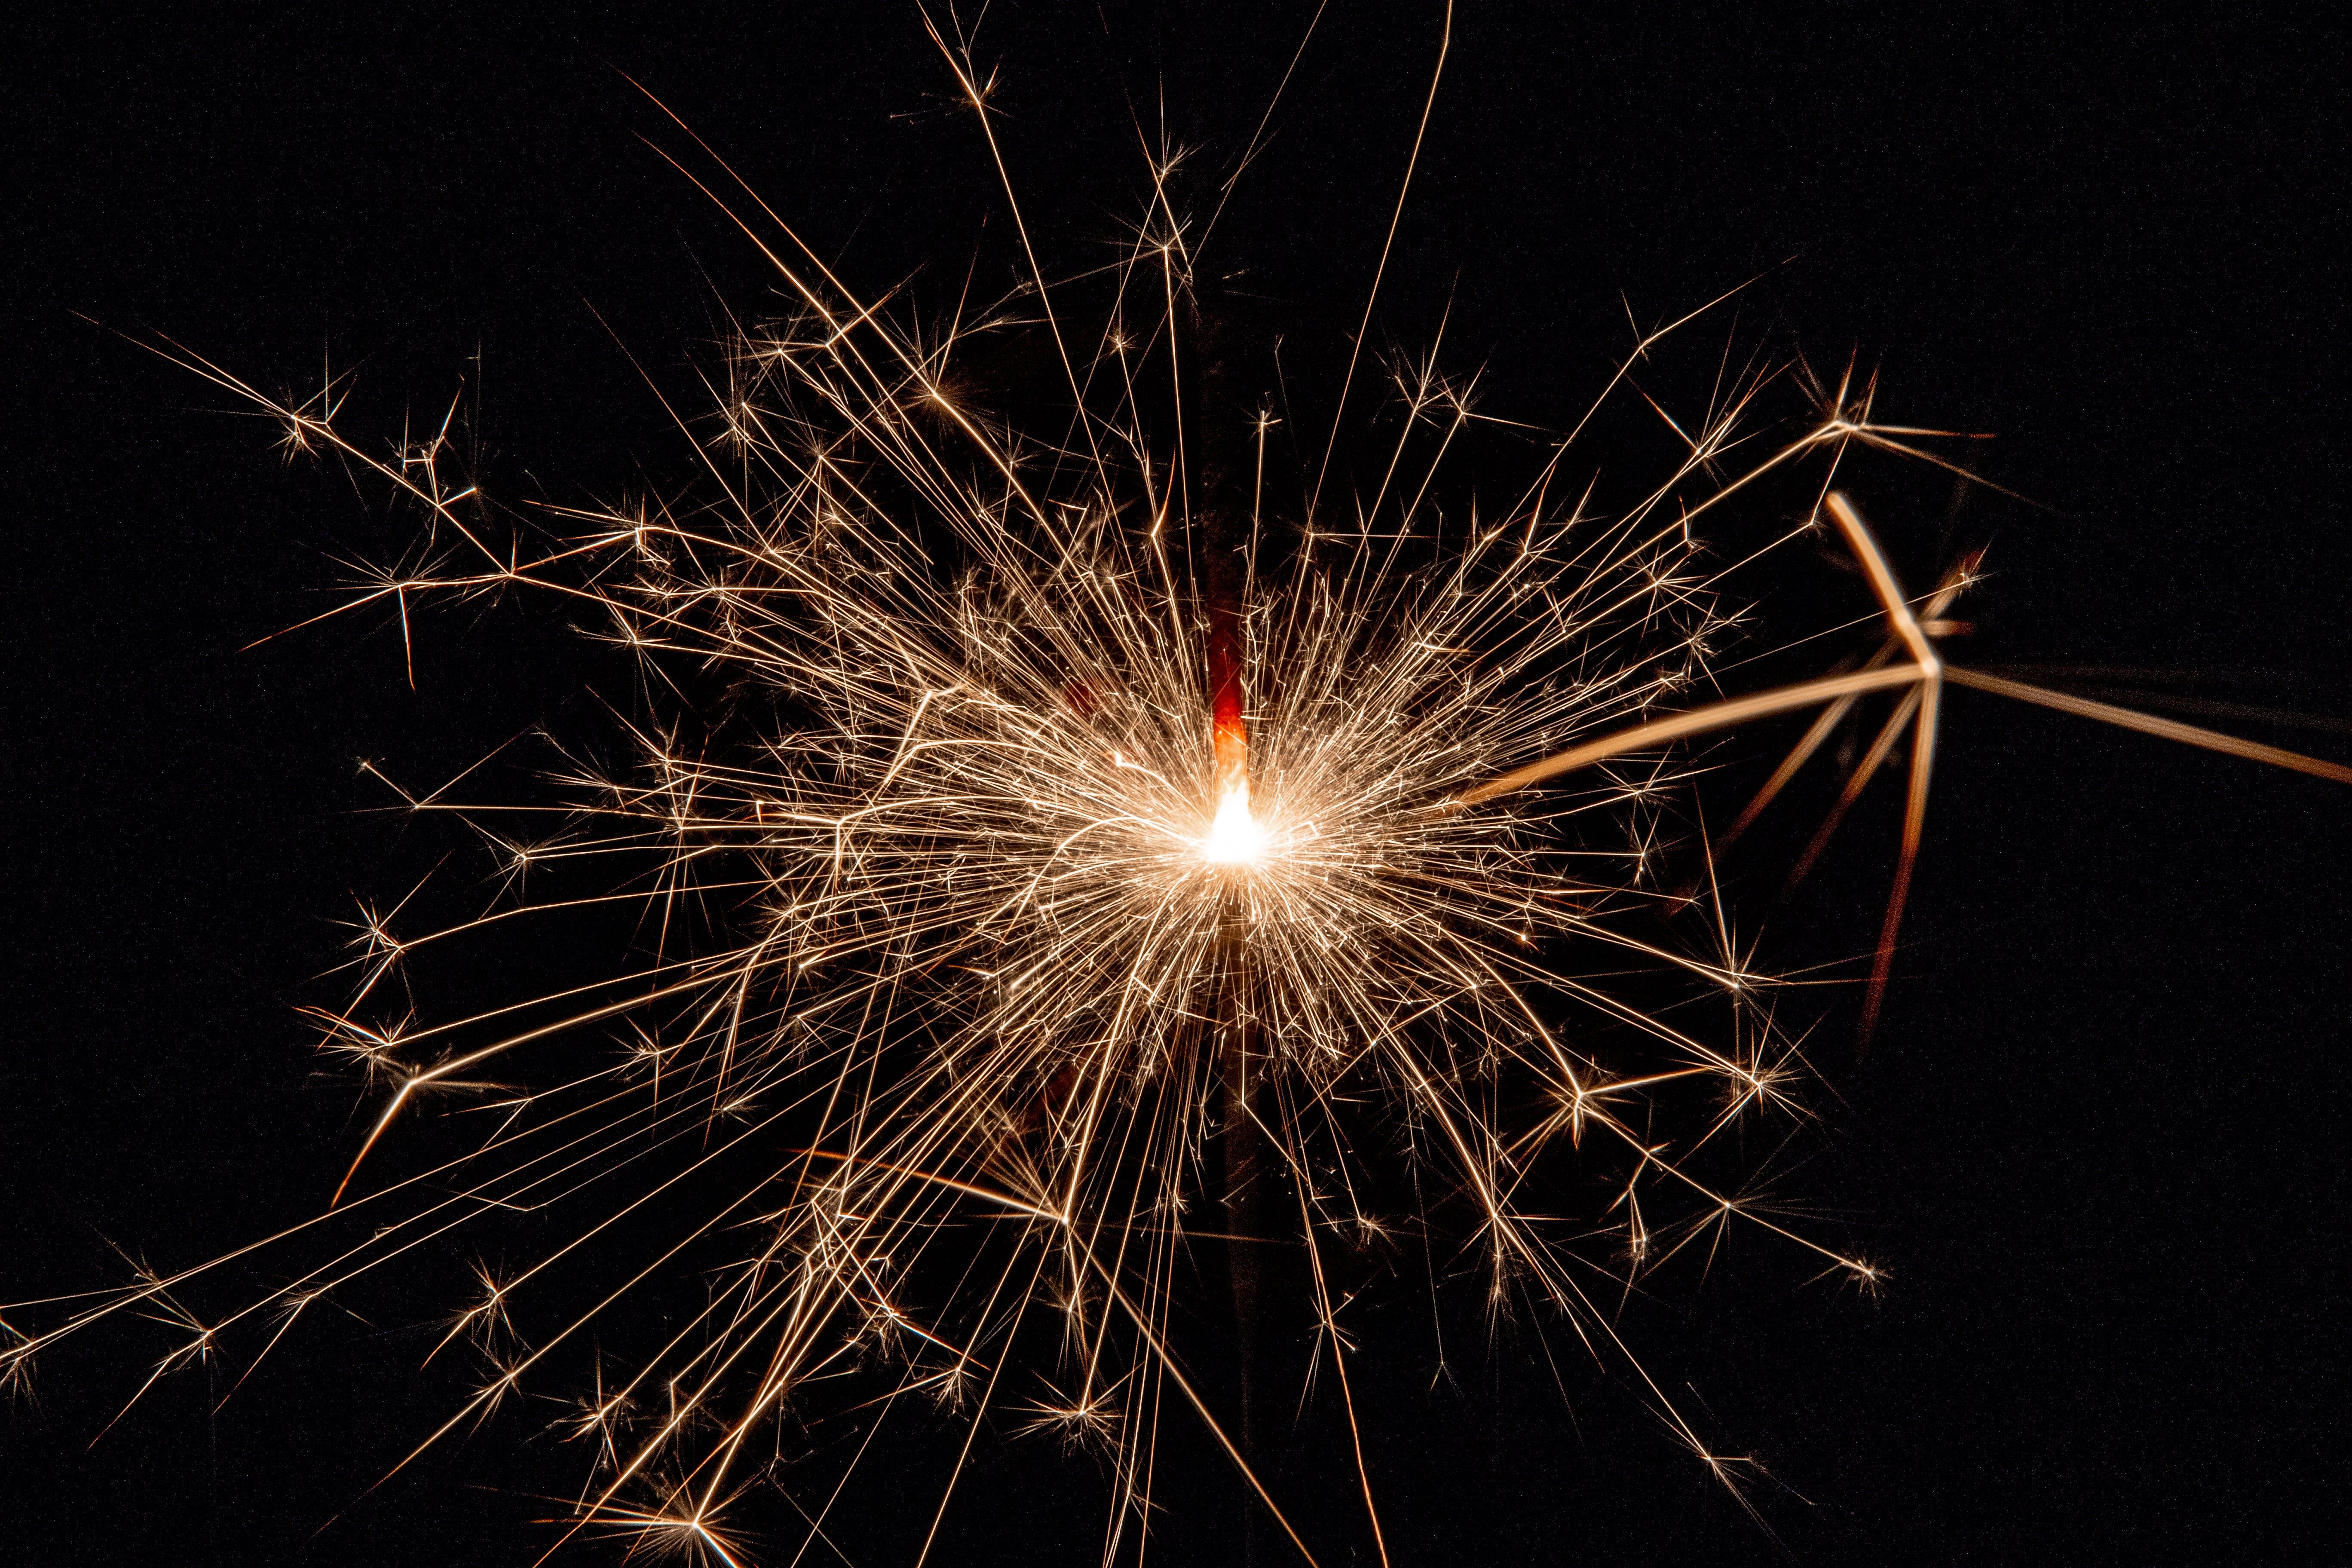 Immagine gratuita di capodanno, celebrazione, festa, fuochi d'artificio